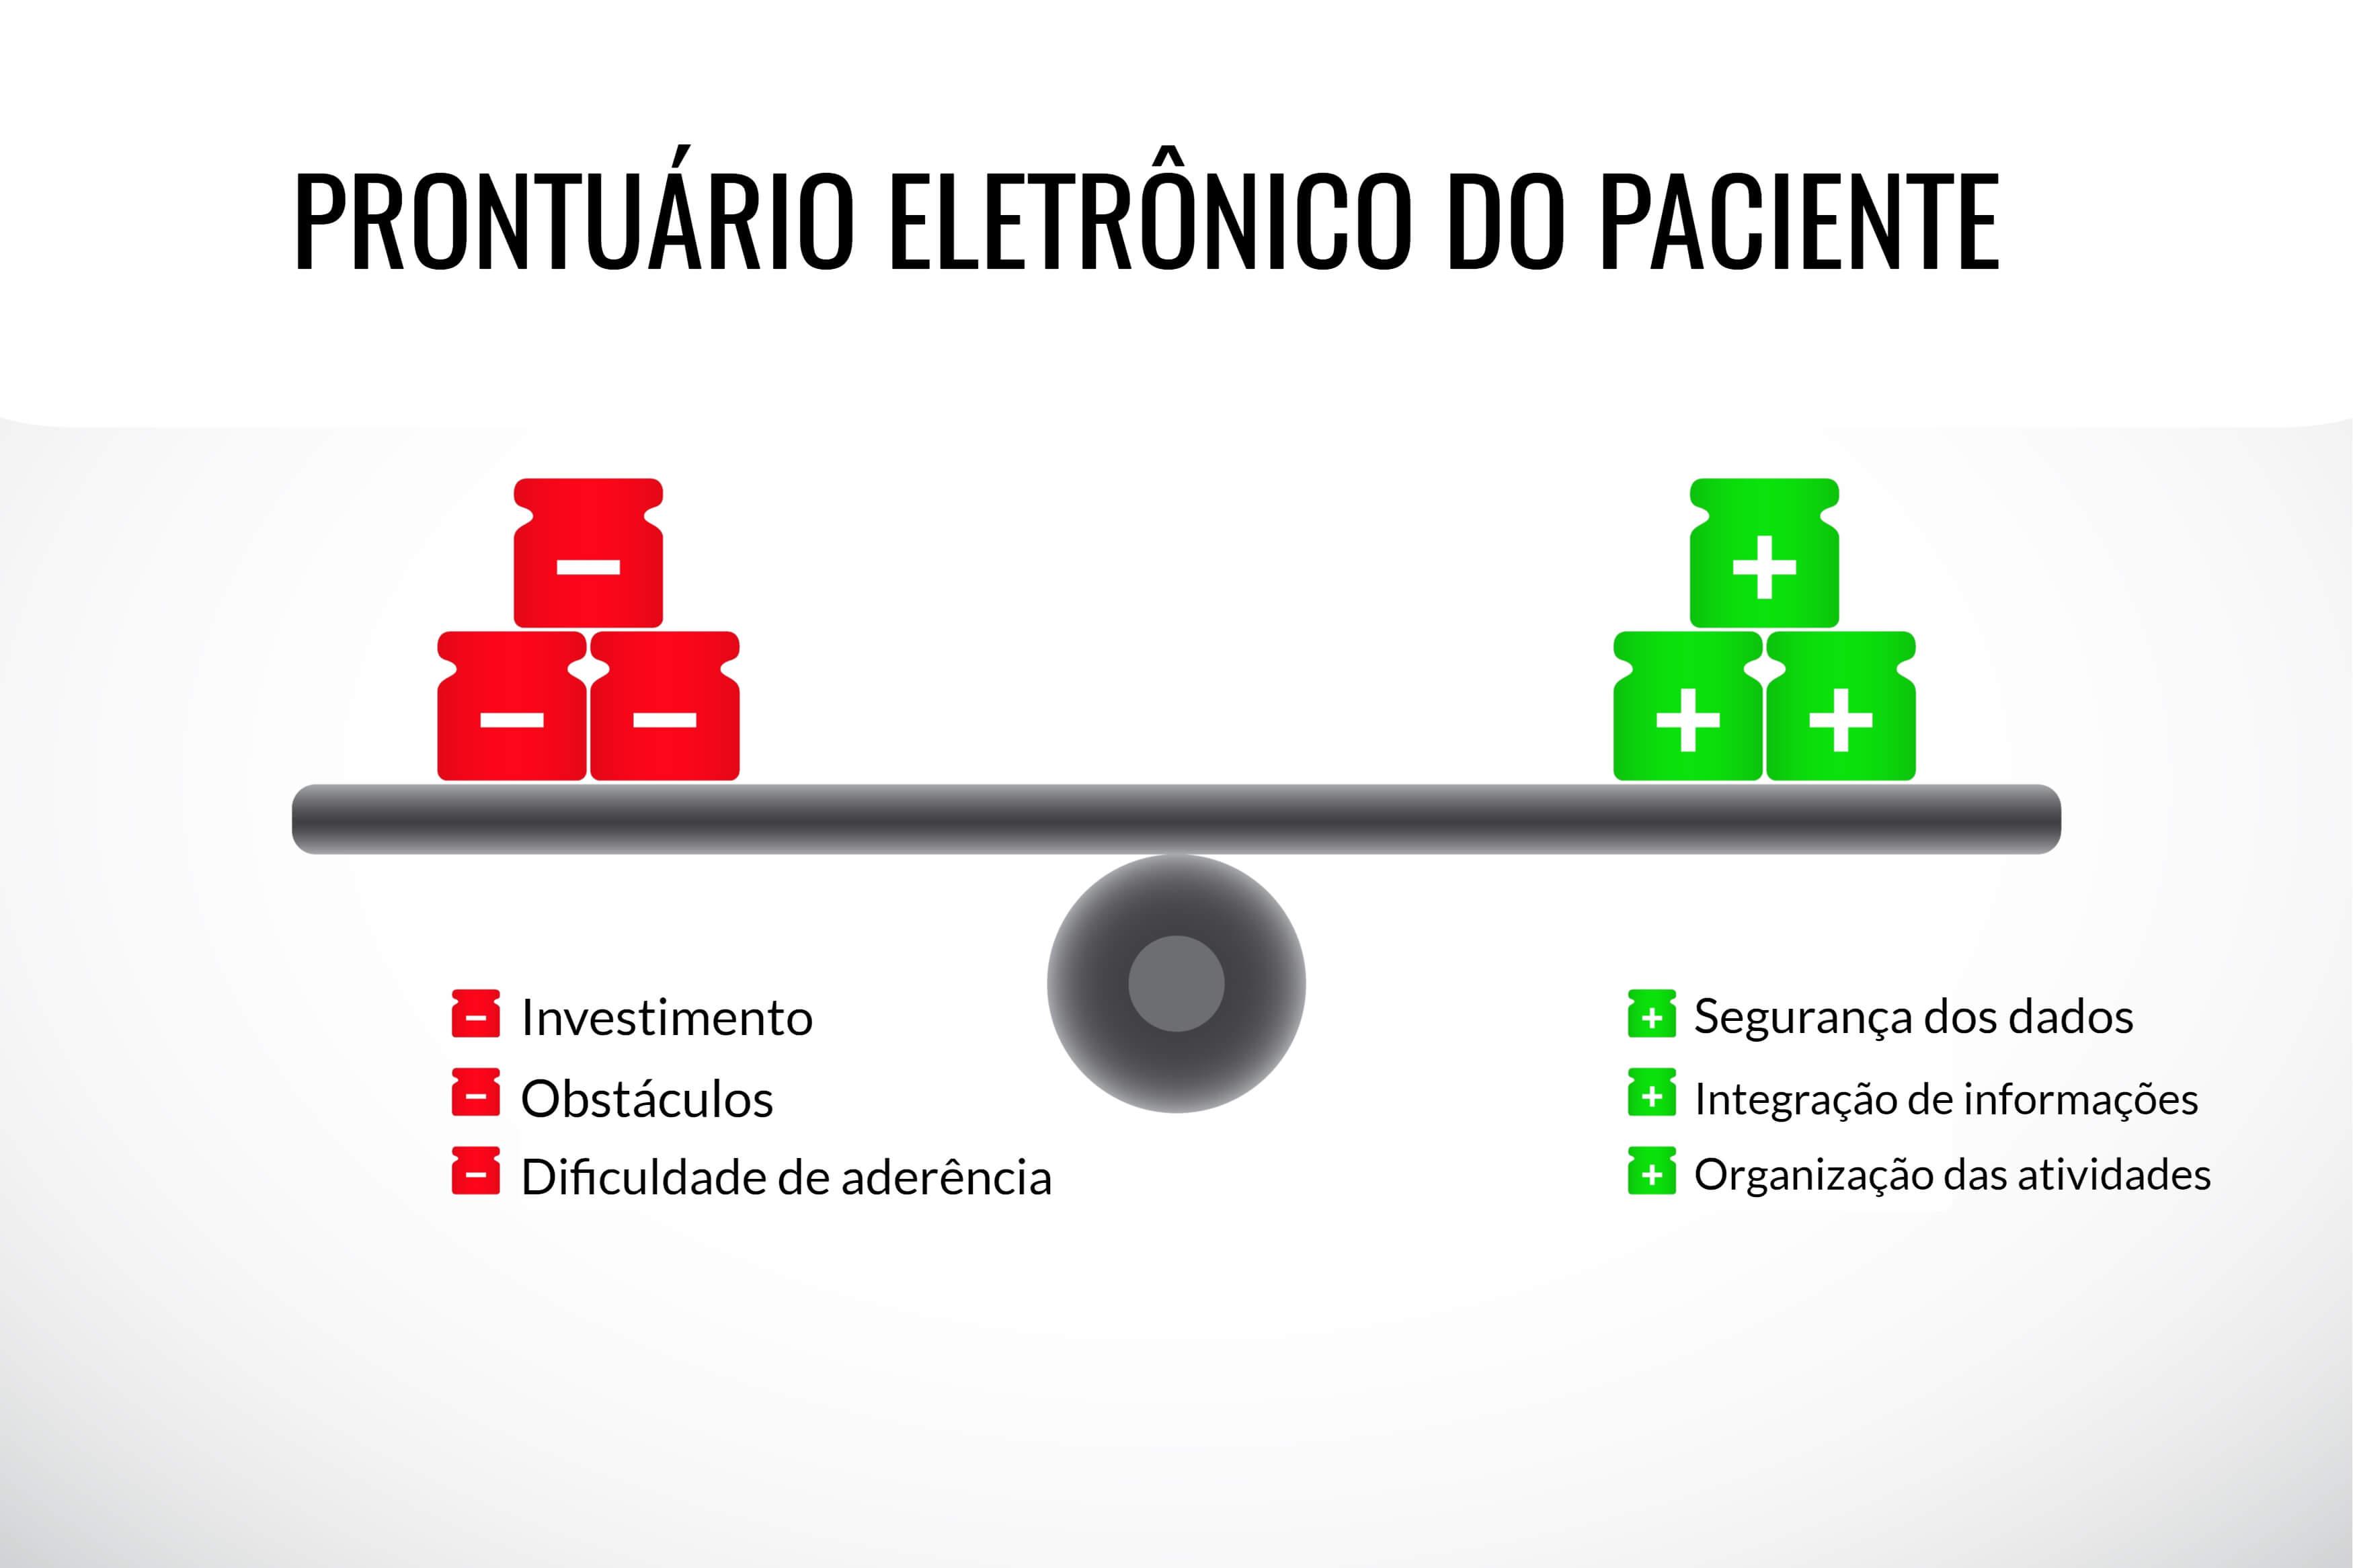 Vantagens do prontuário eletrônico